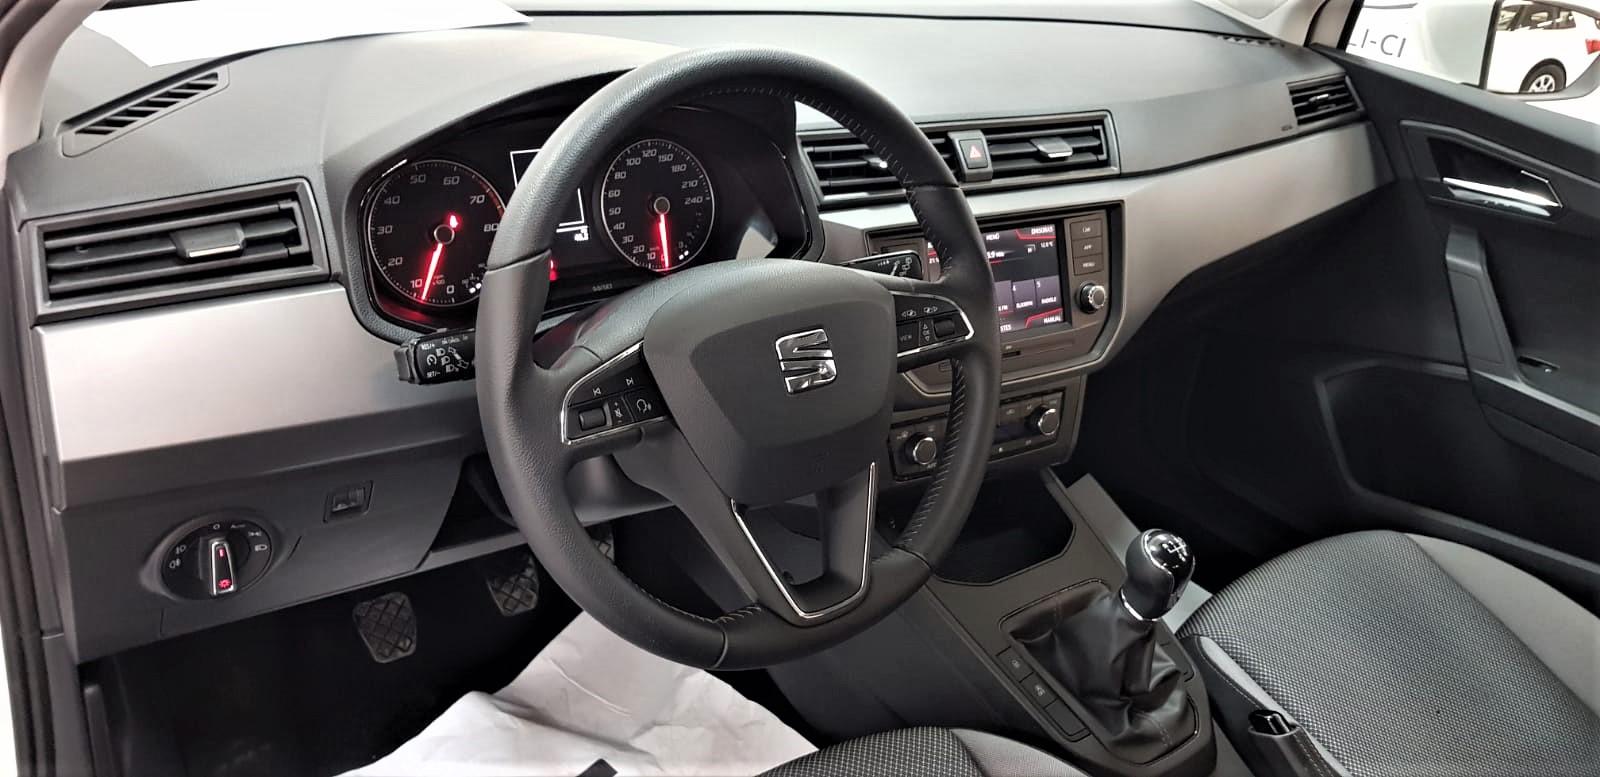 Seat Ibiza Gasolina año 2019, 2 años de garantía